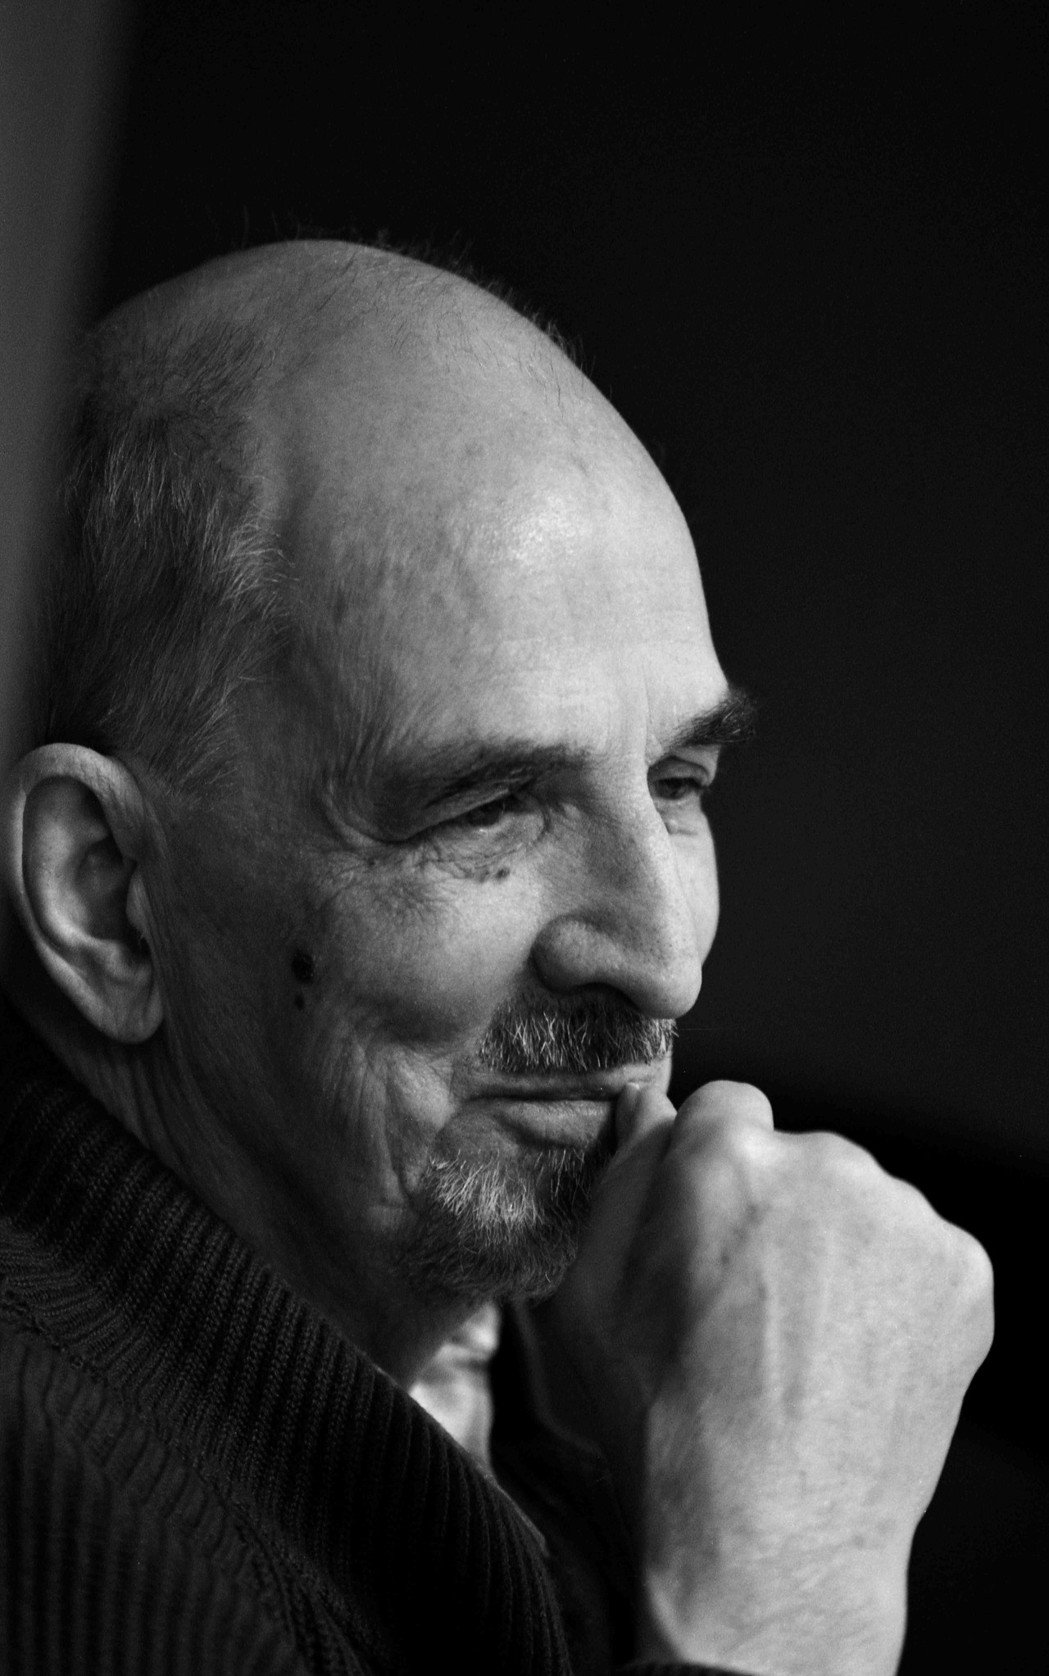 柏格曼百年紀念影展8月中旬起在台中登場,共蒐集39部長片作品,影迷別錯過。「芬尼...